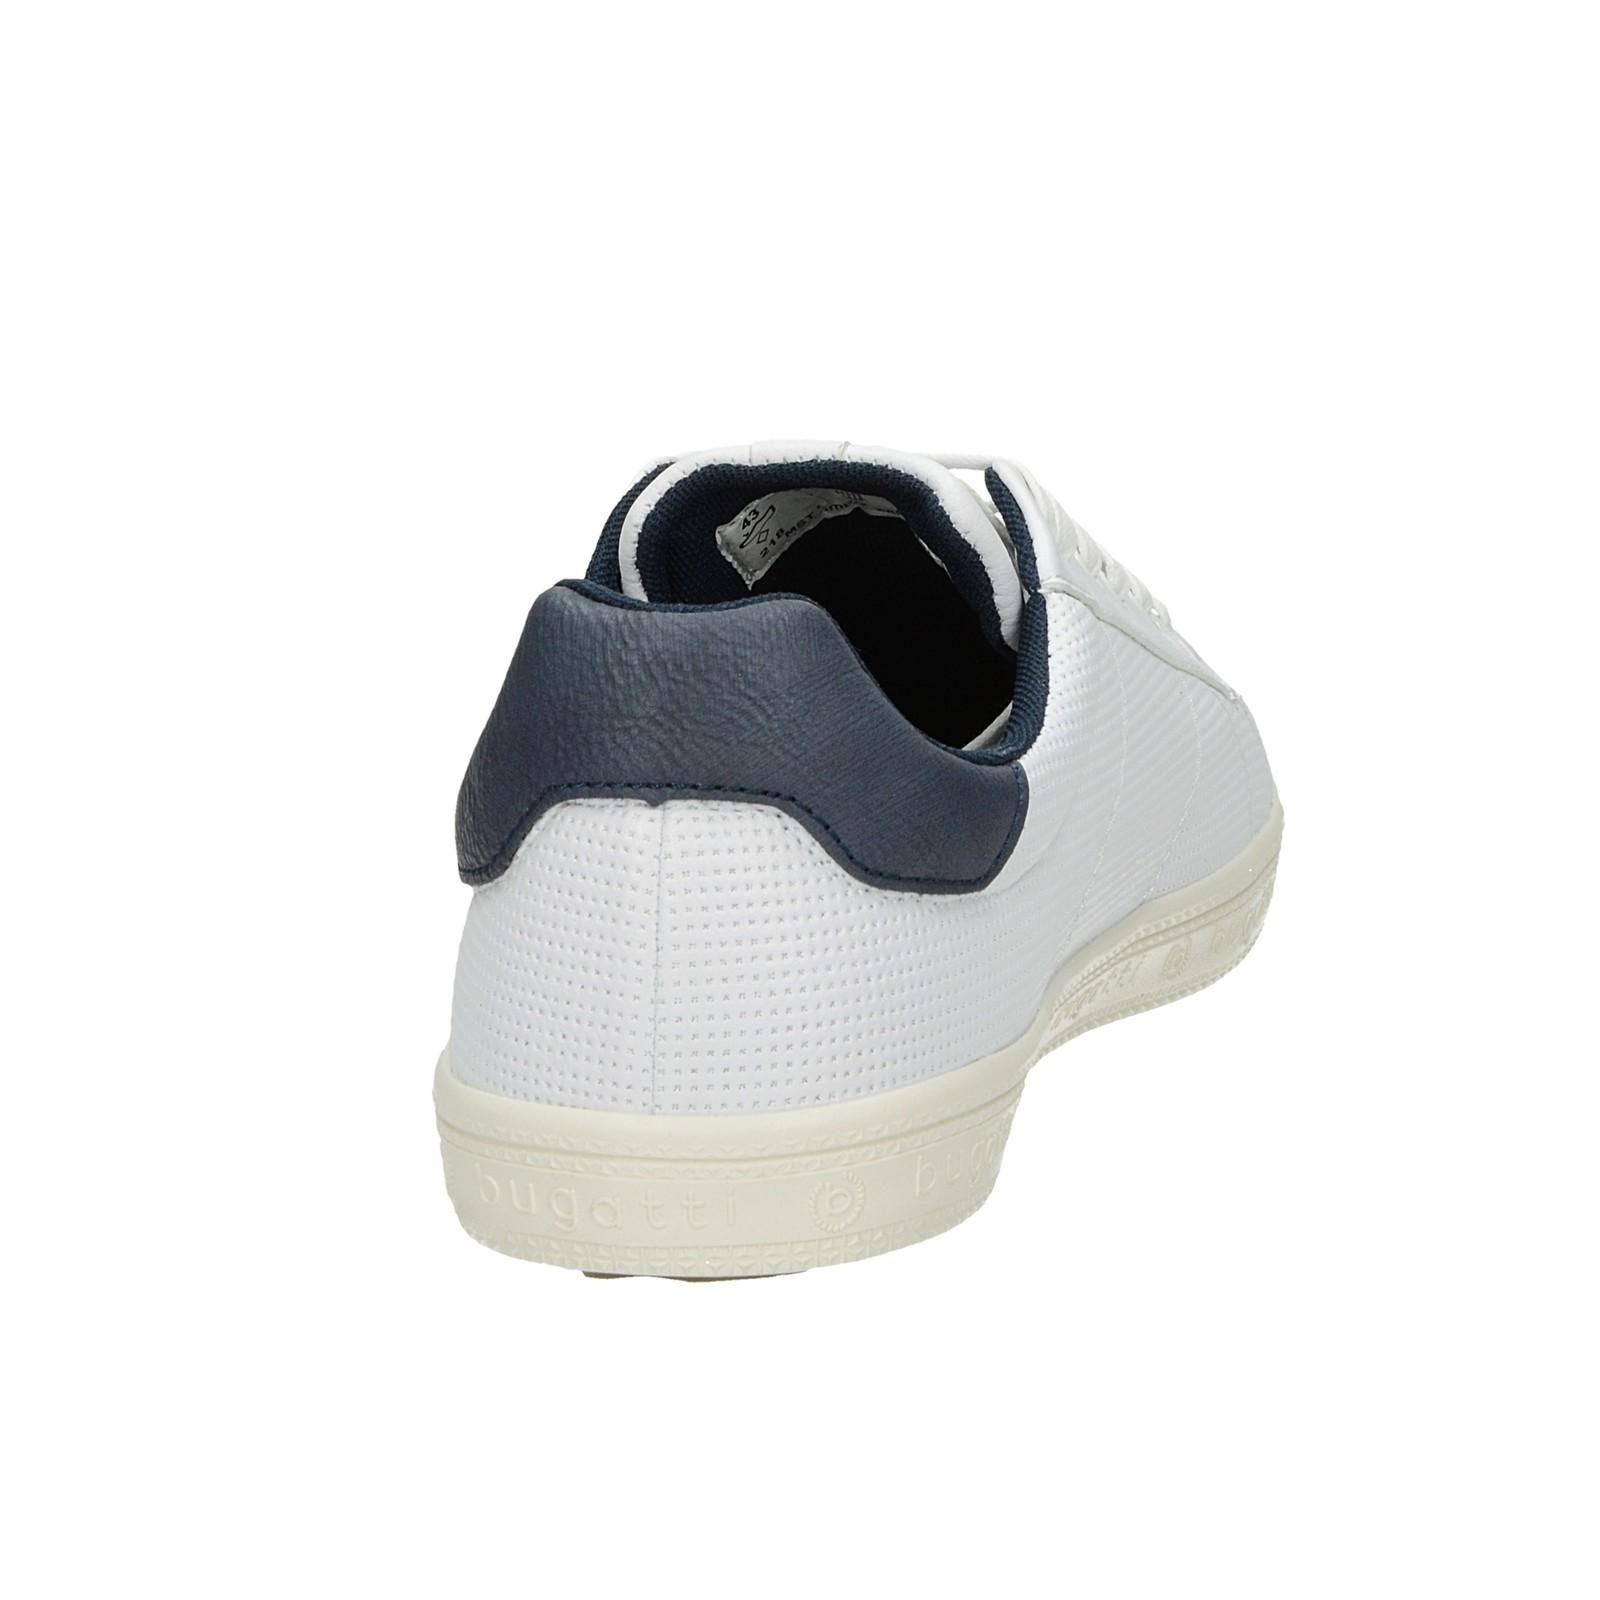 Bugatti pánske štýlové tenisky - biele